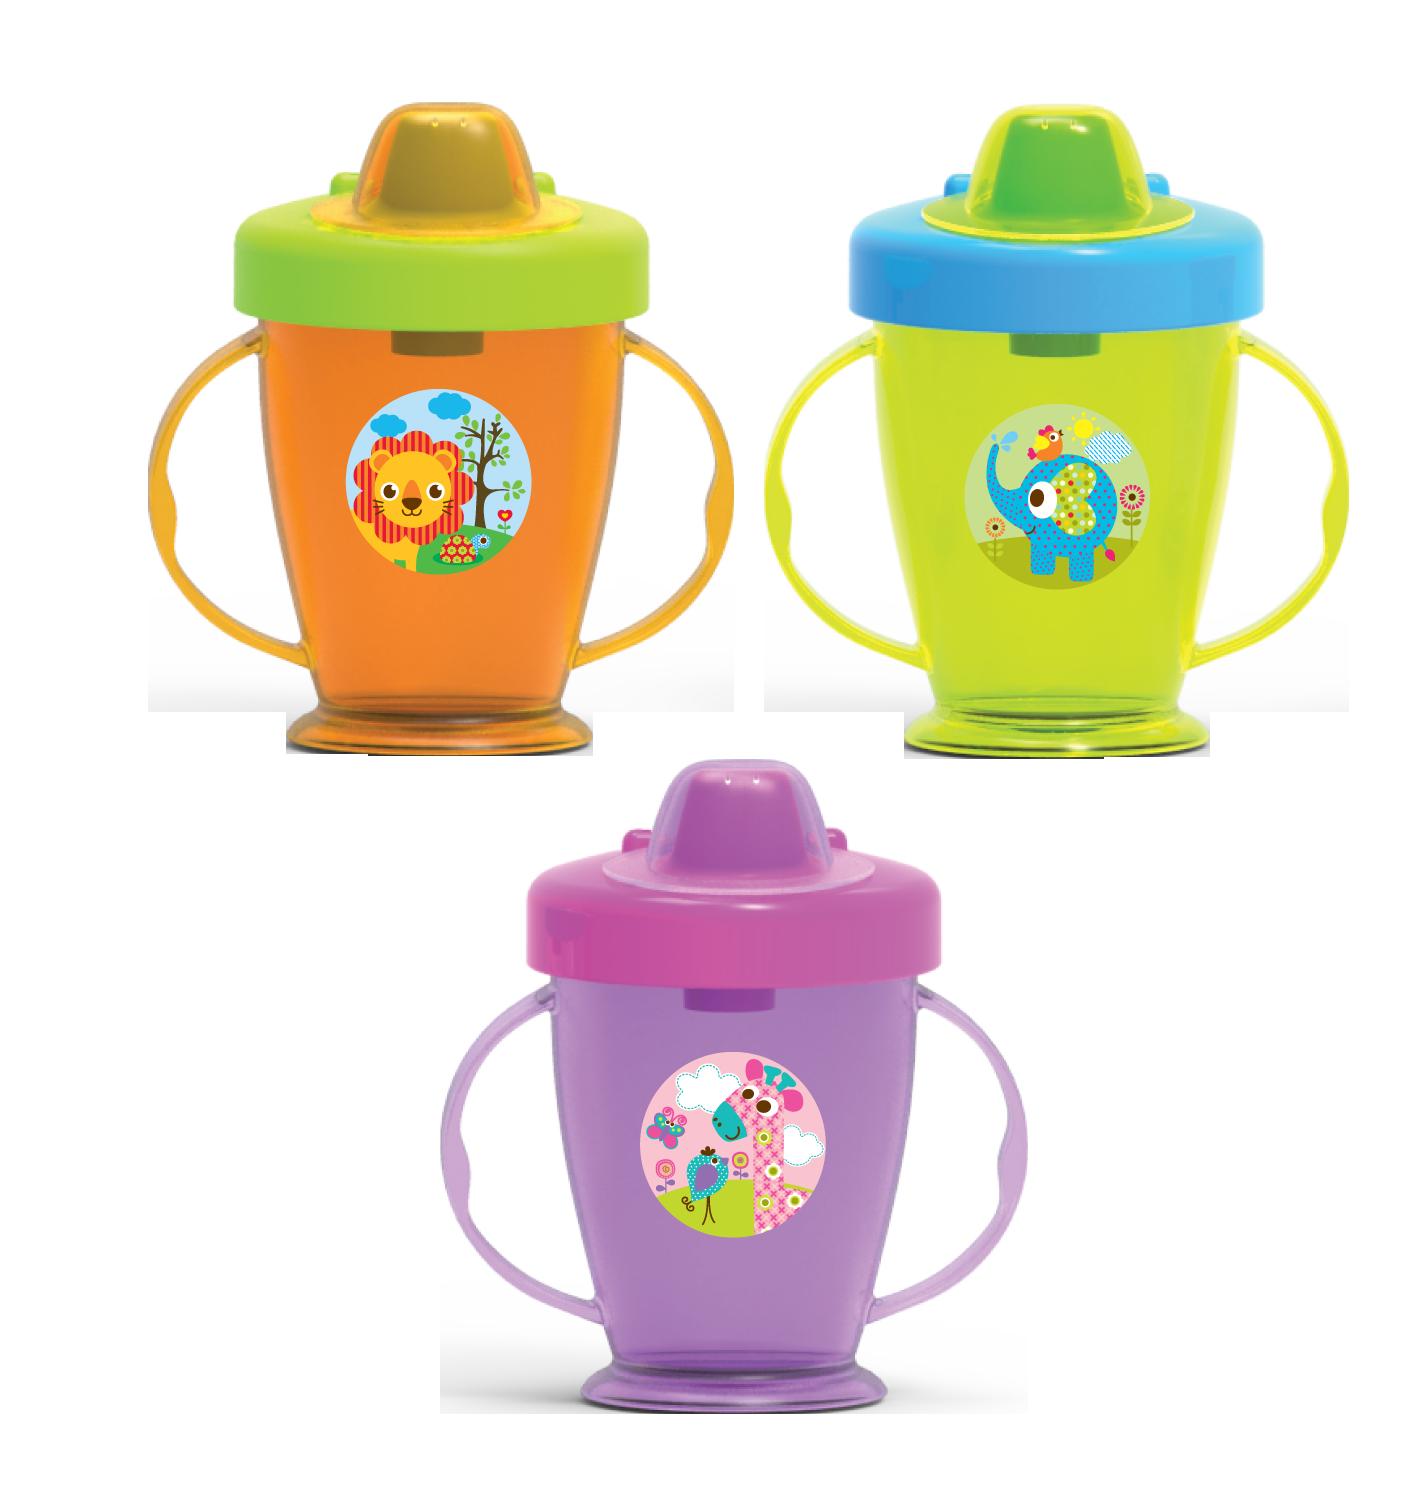 d6744a0742c Cup Hard Spout 210 ml - Baby Safe